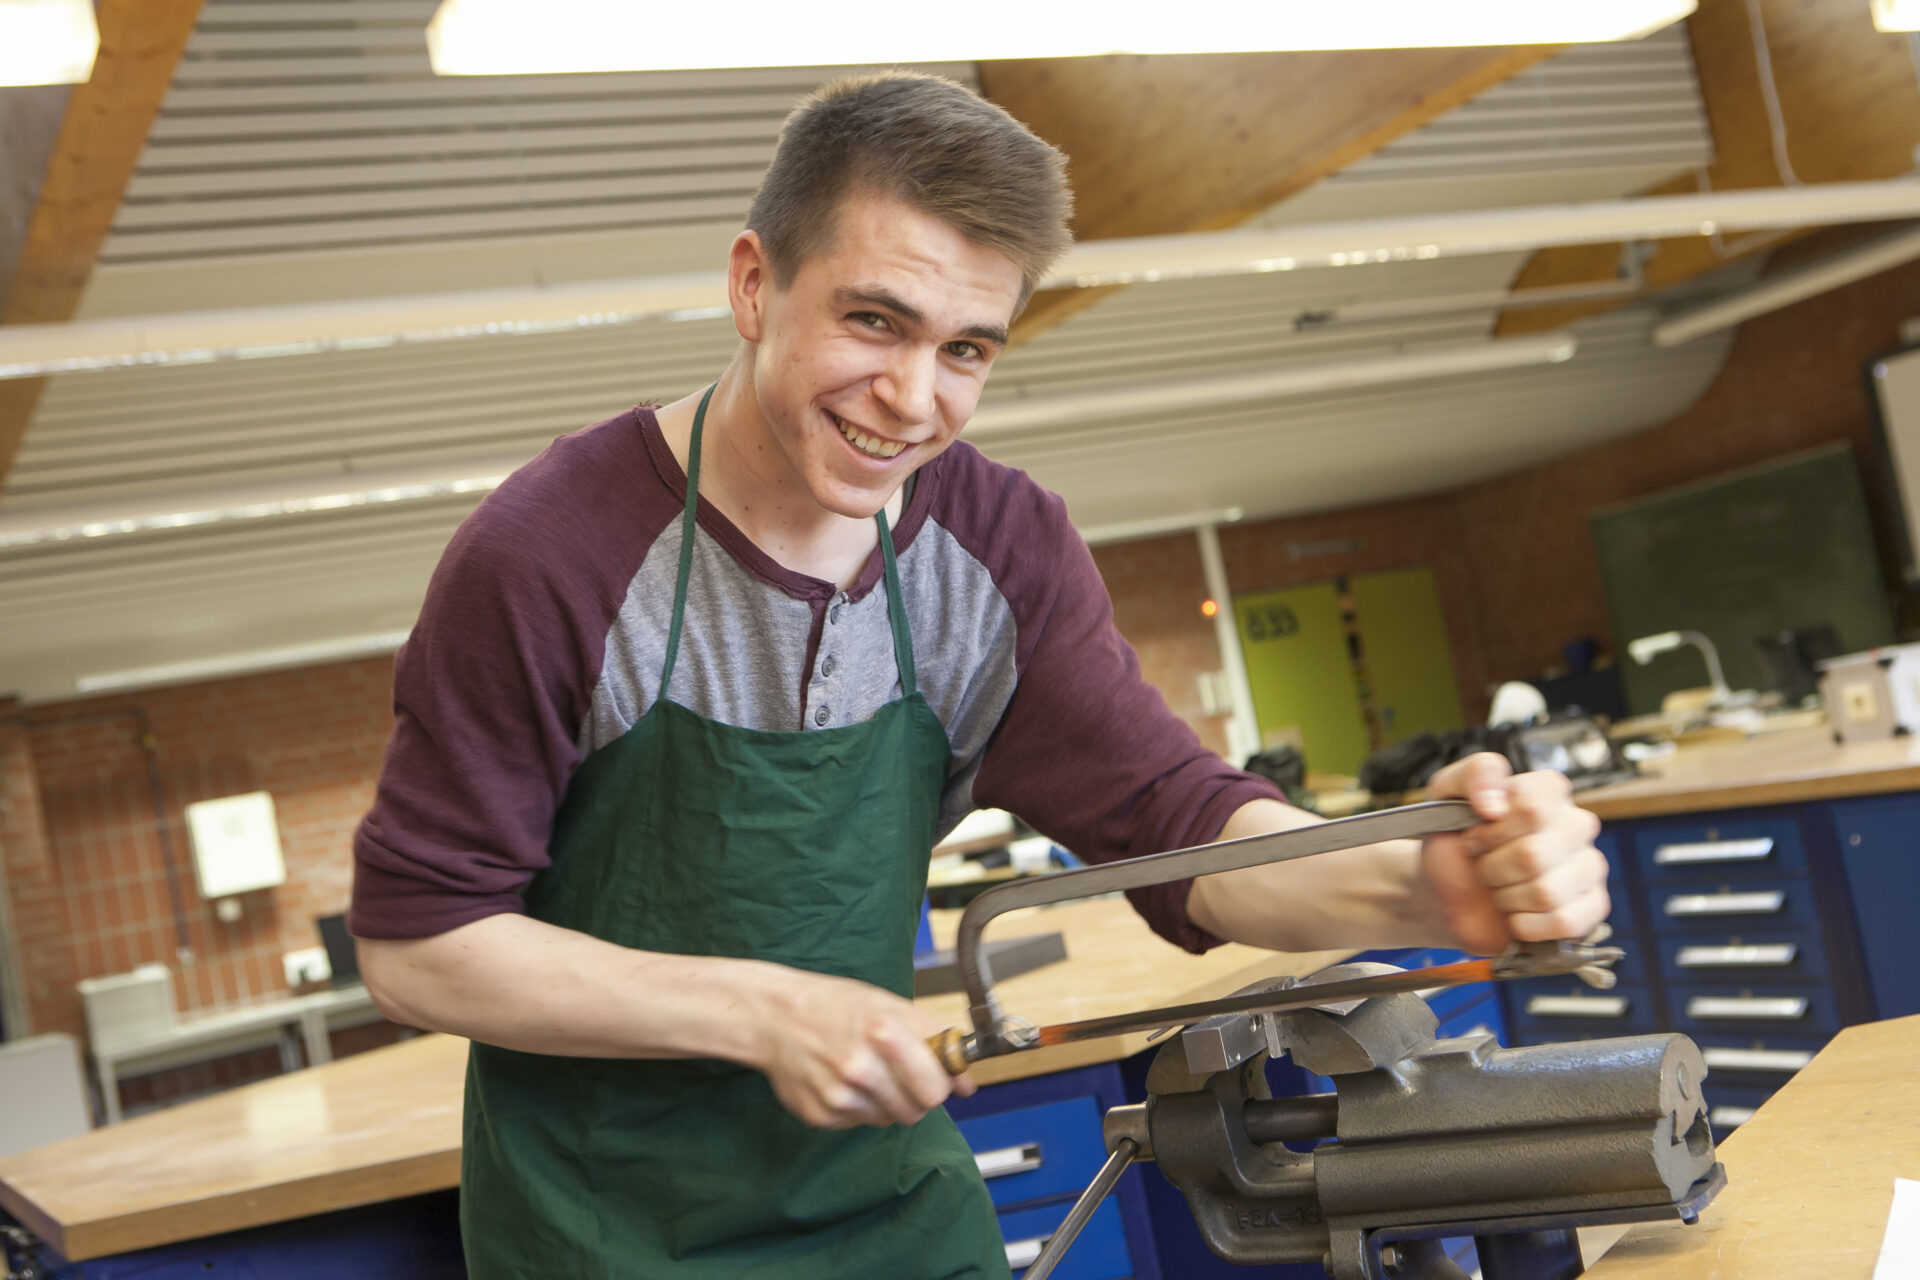 das Bild zeigt einen jungen Mann an einer Werkbank mit einer Handsäge